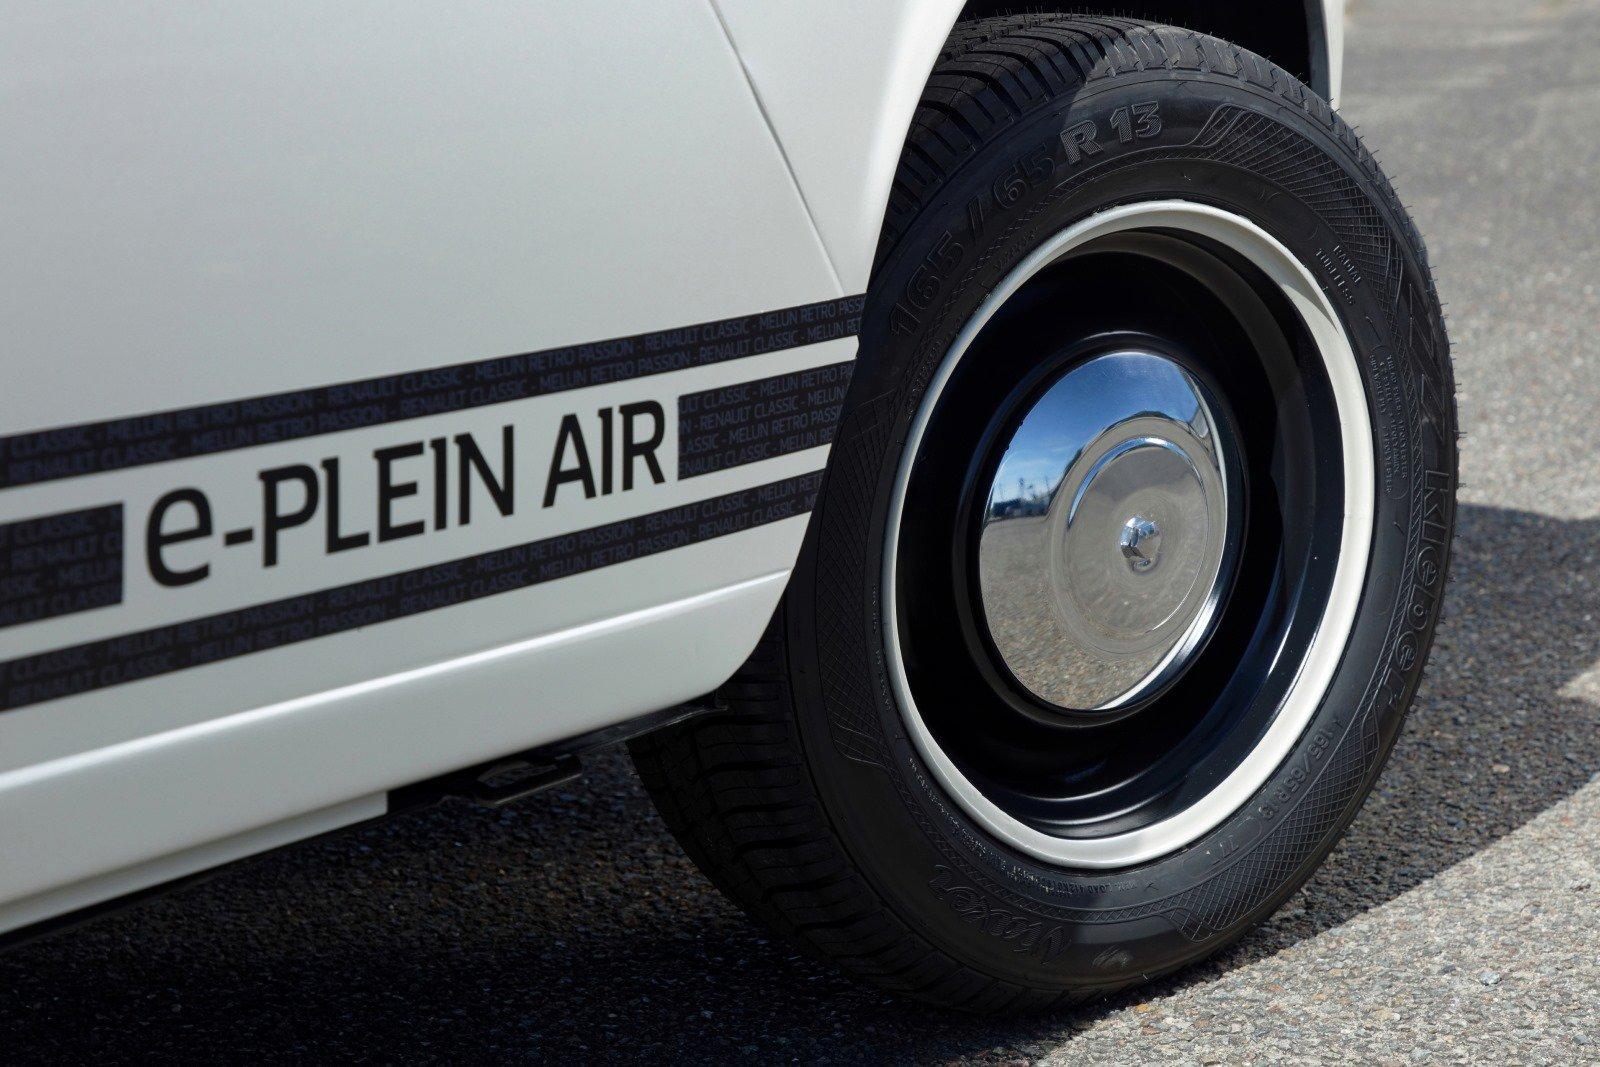 Renault e Plein Air